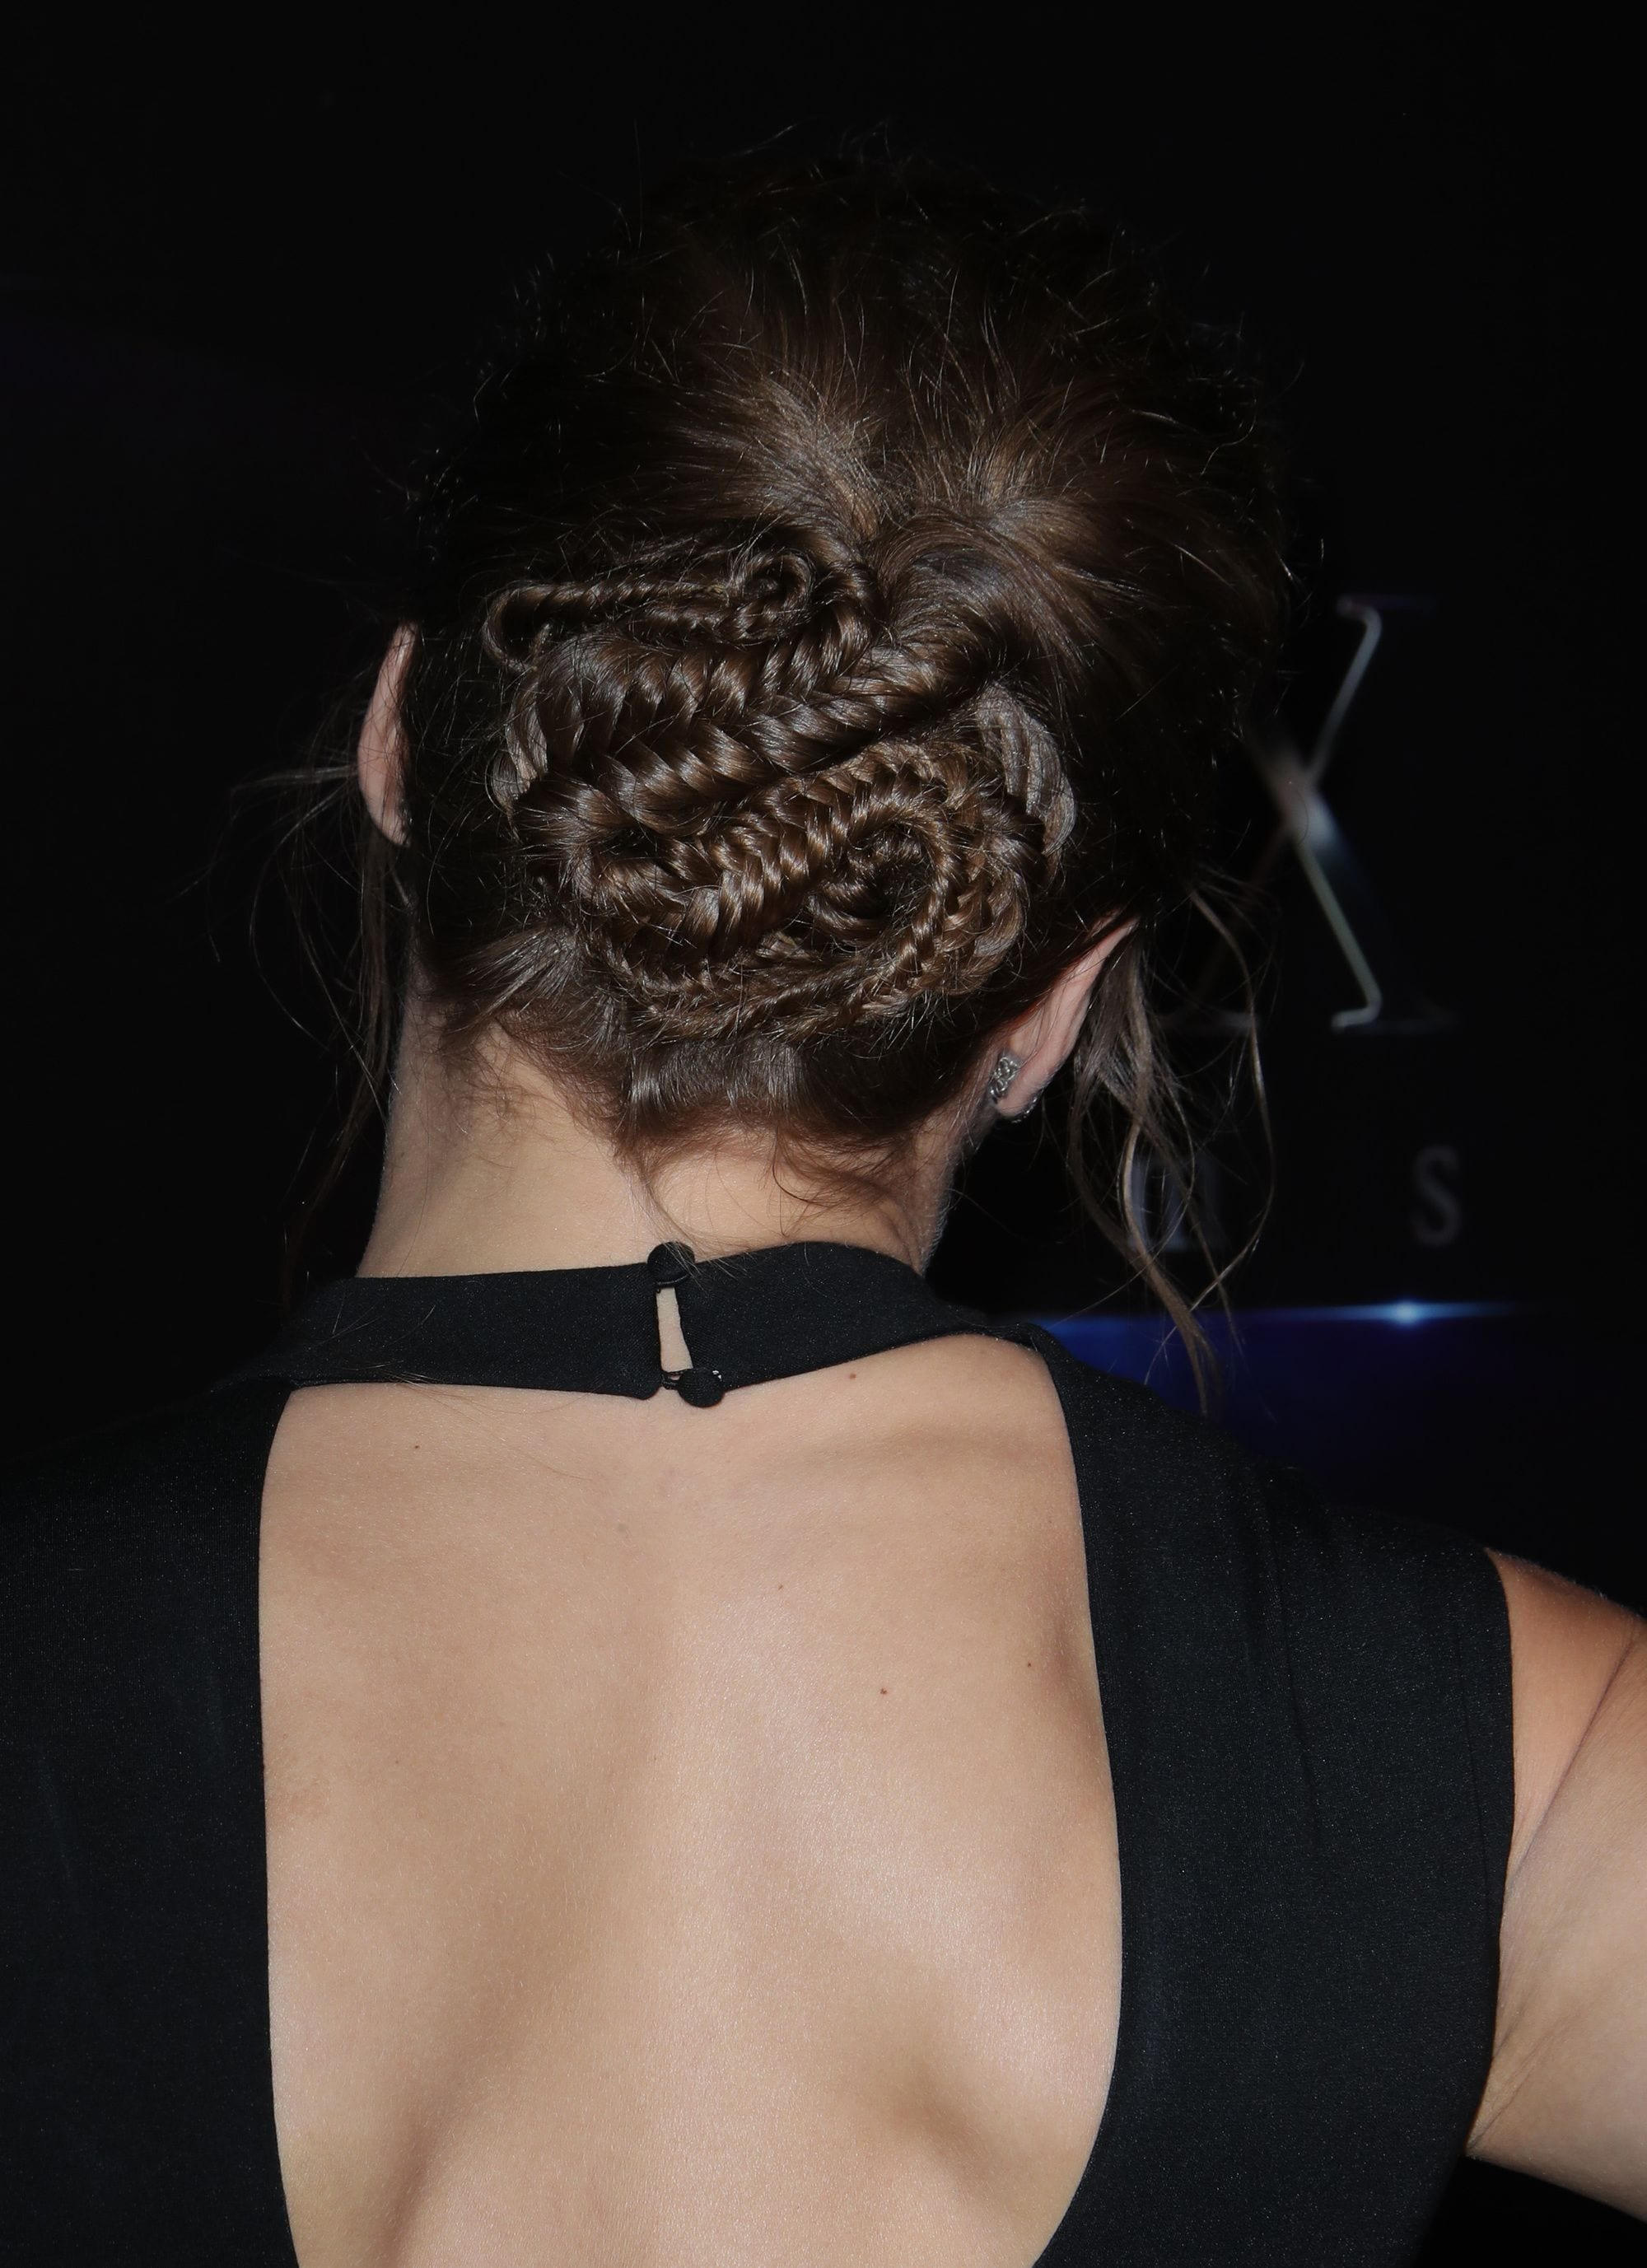 Vista de atrás de cabello castaño oscuro sujeto con trenzas